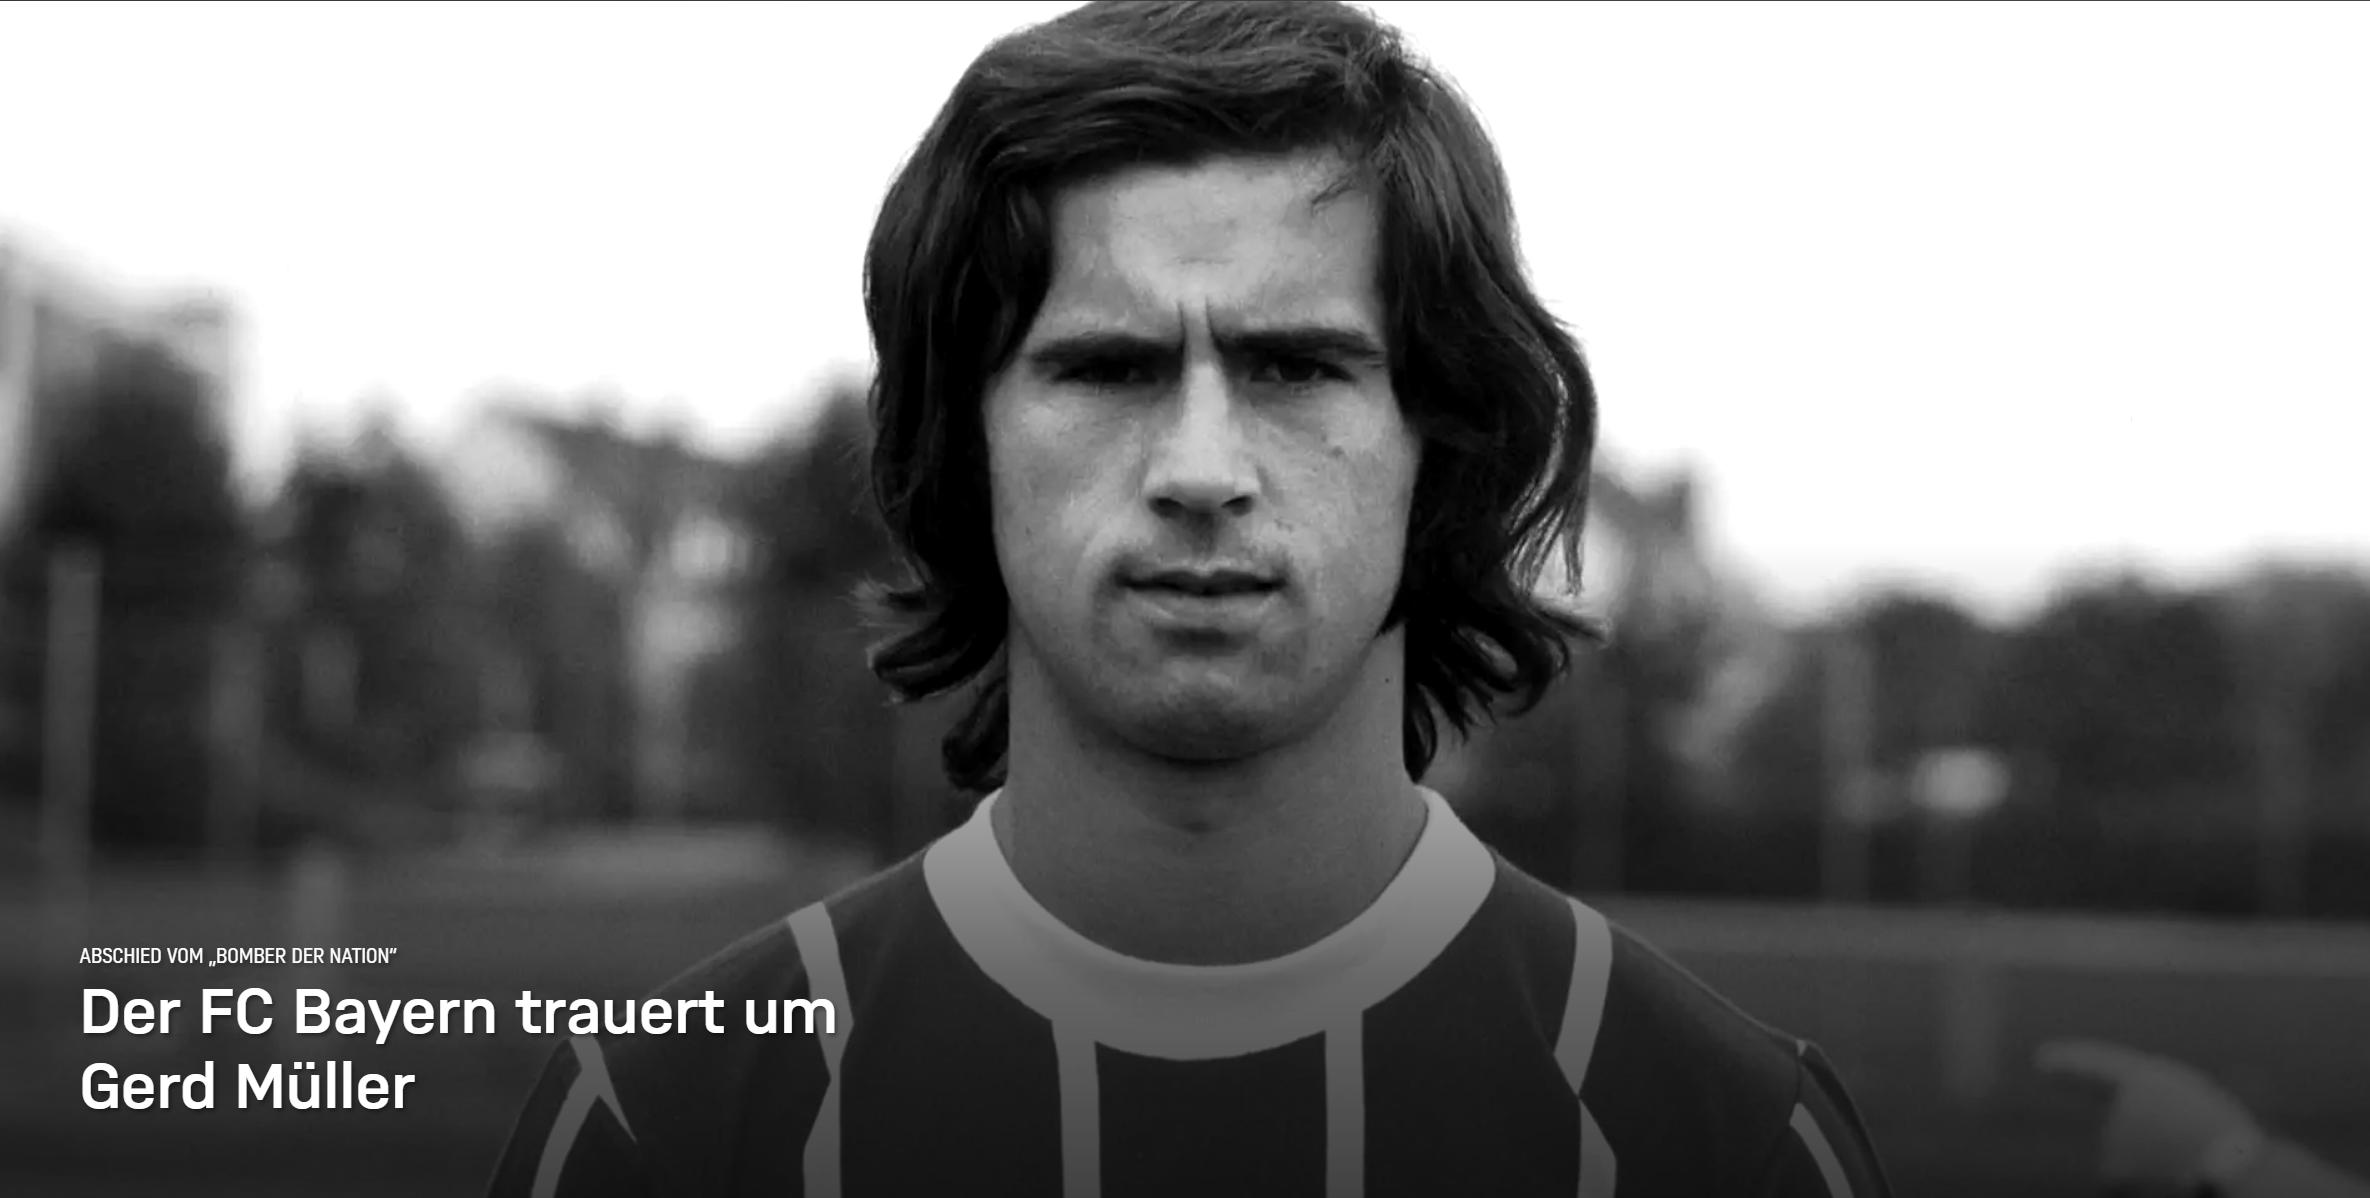 哀悼!德国传奇球星盖德-穆勒在家中逝世 享年75岁